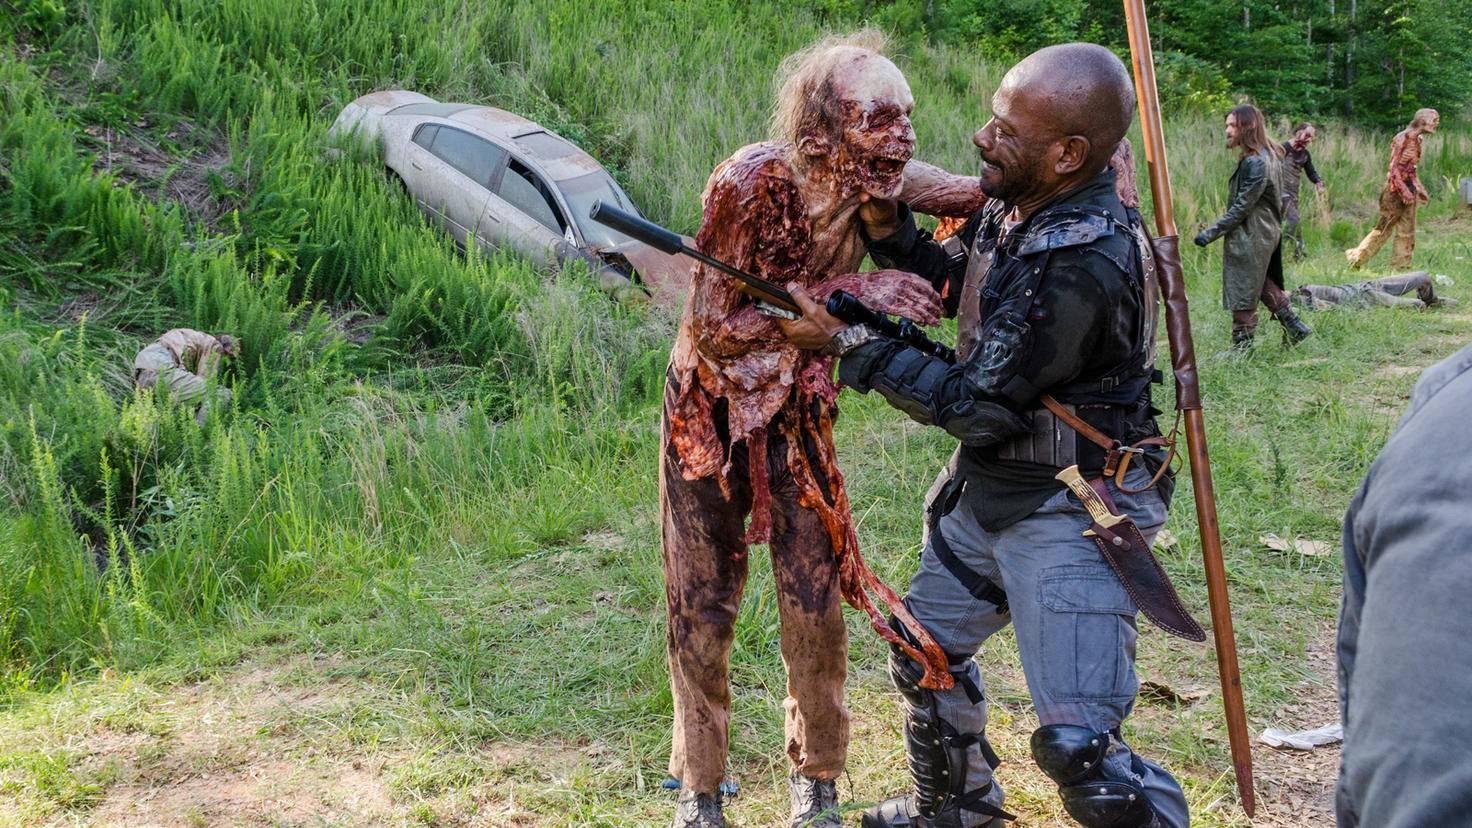 The-Walking-Dead-S08E03-19-Gene Page-AMC